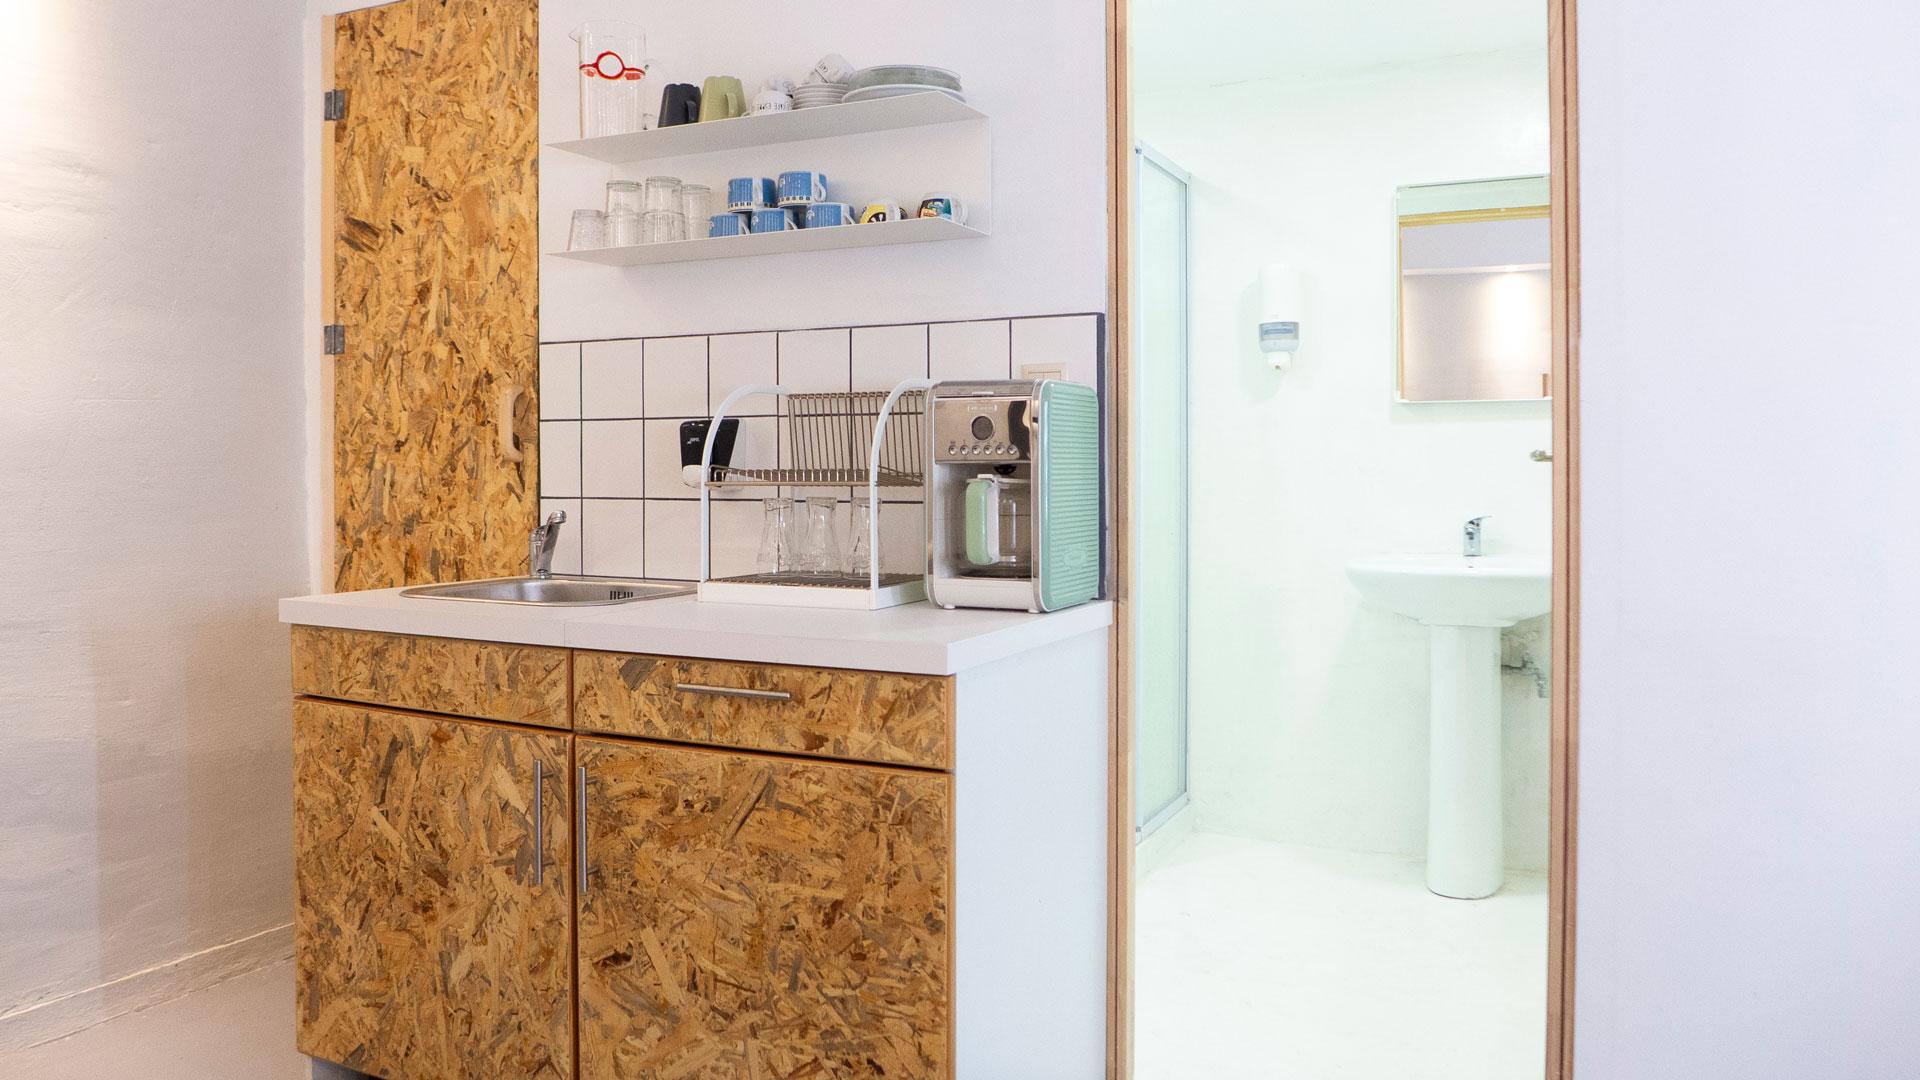 Κουζίνα και μπάνιο